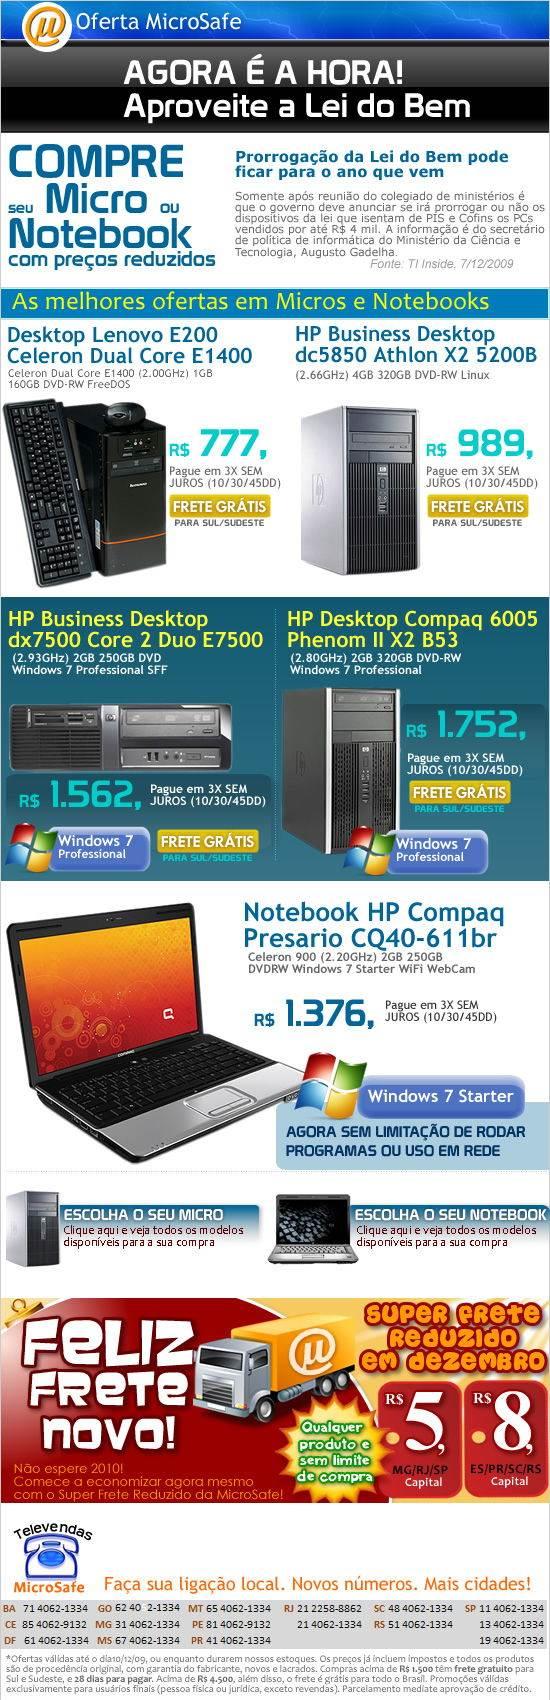 Aproveite a Lei do bem! Micros e notebooks ainda com preços reduzidos